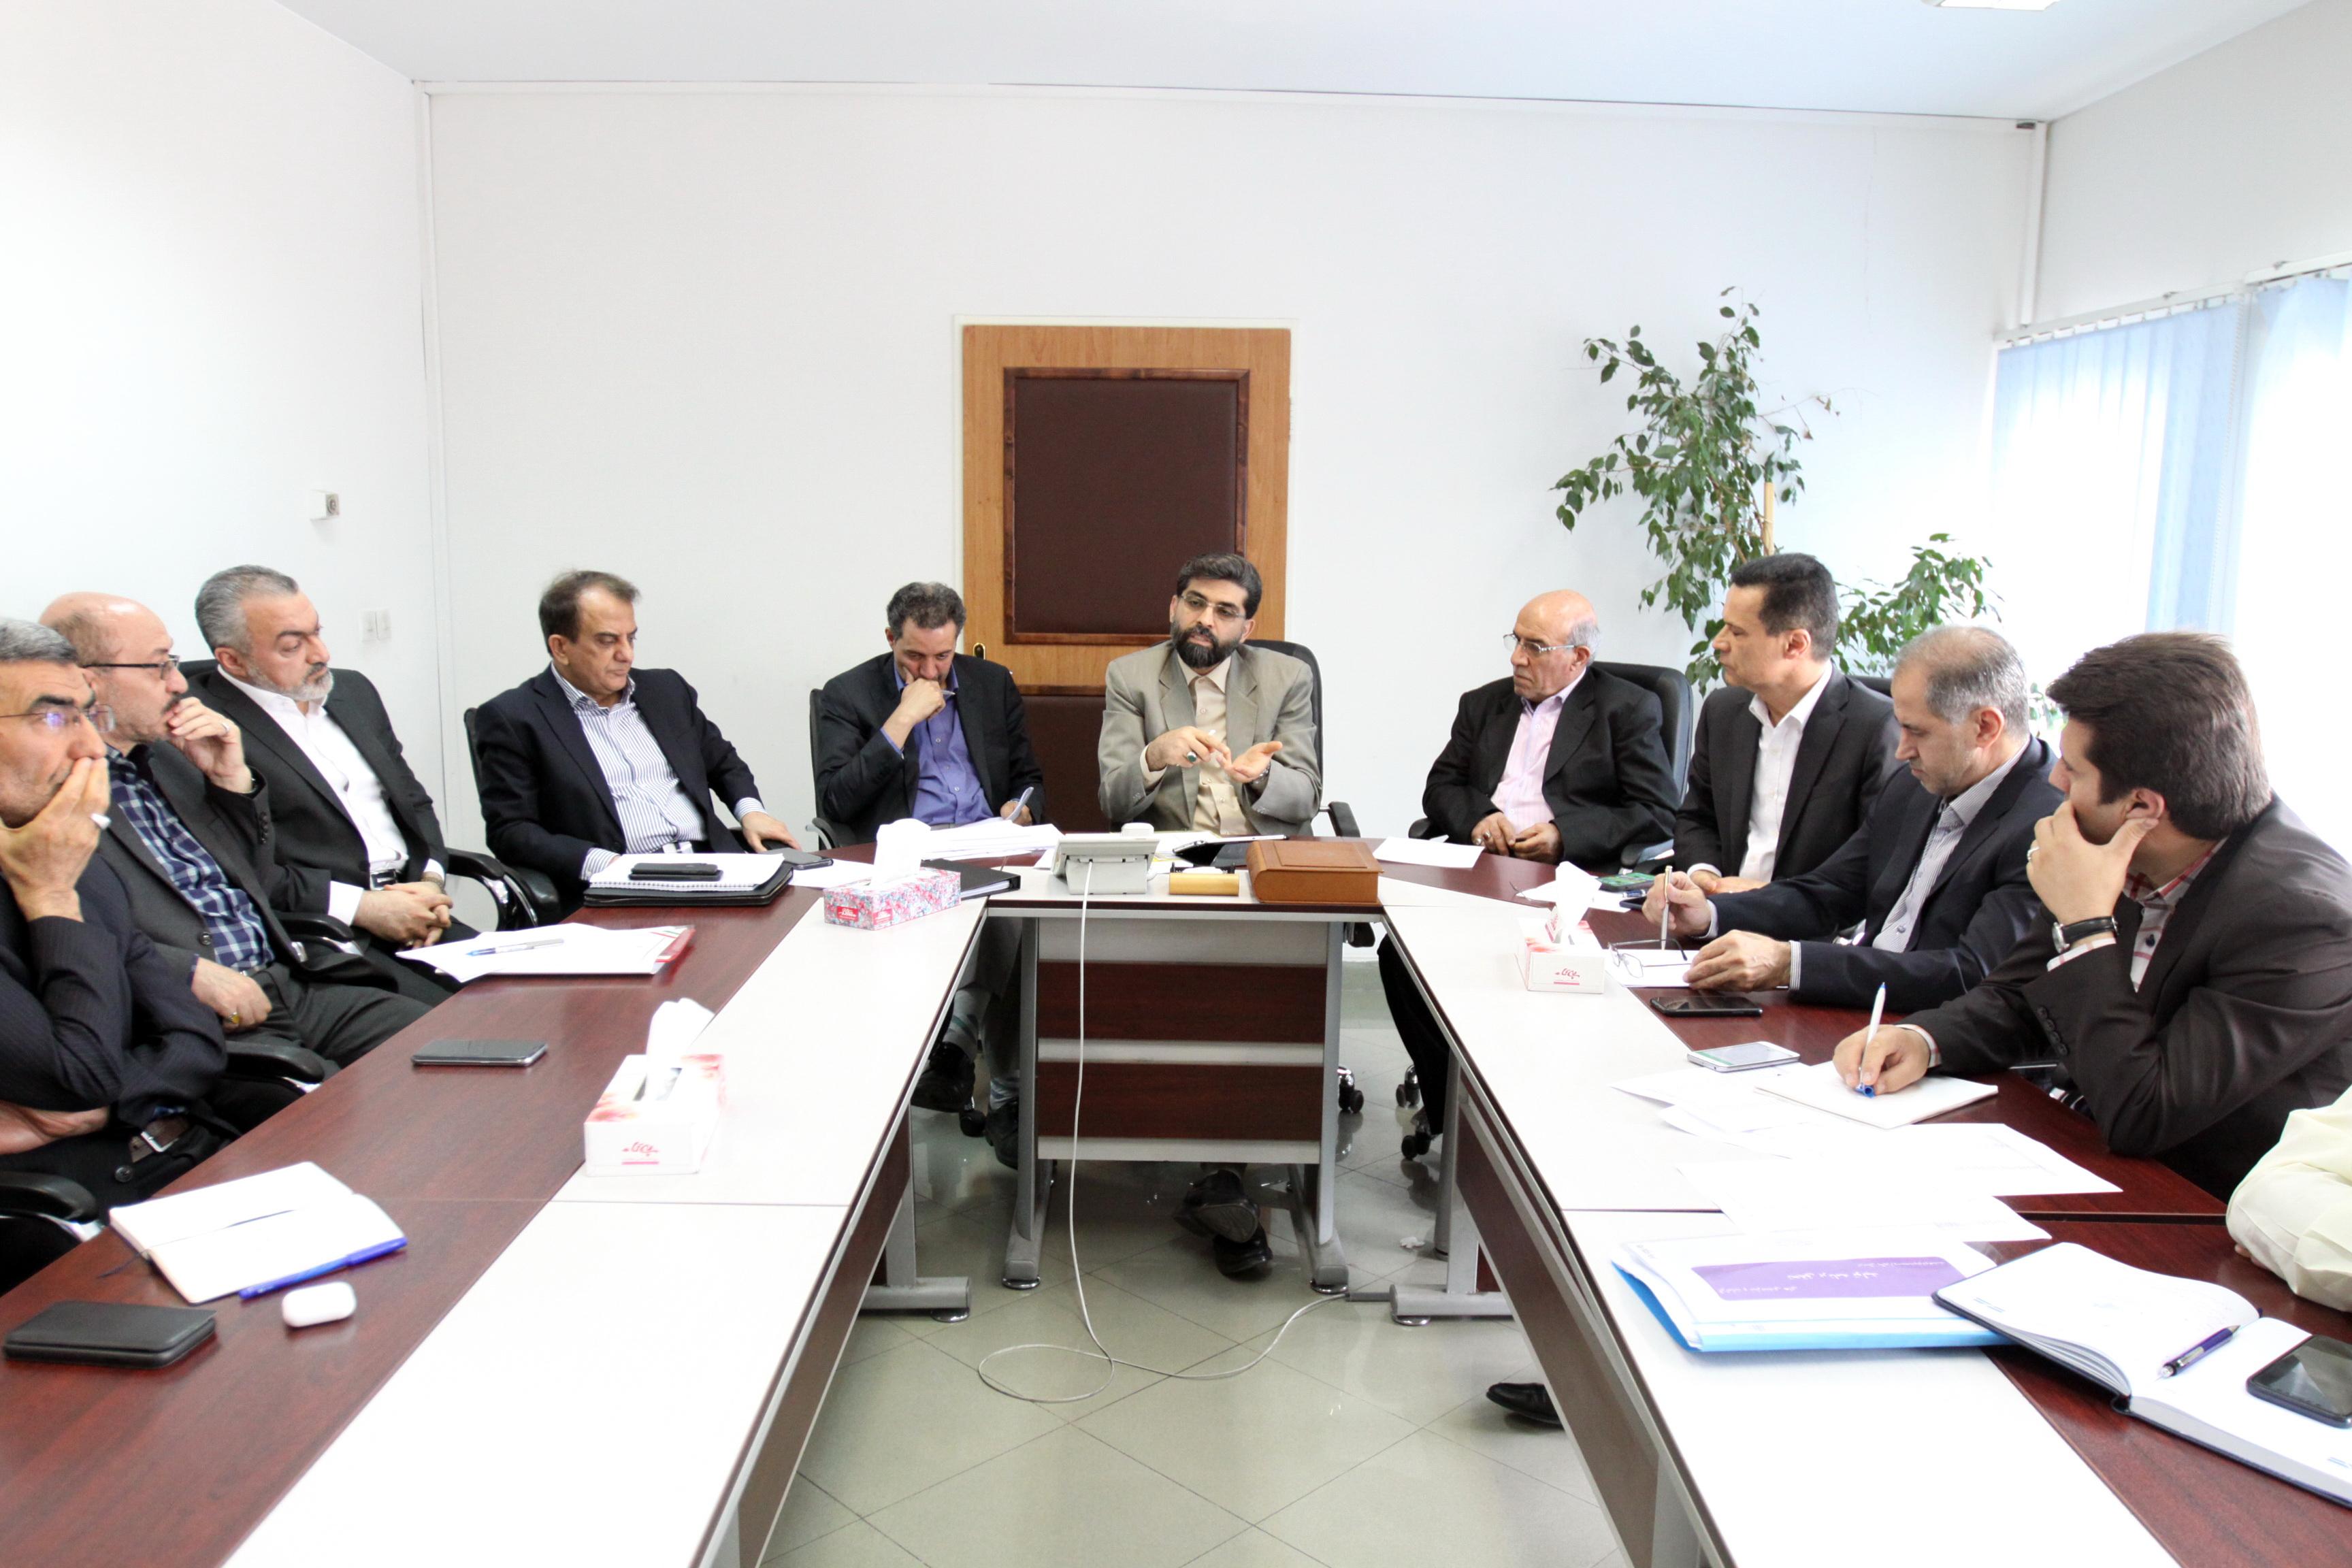 فراخوان وزارت صنعت برای تعمیق داخلیسازی قطعات صنعتی/ تسریع در تزریق نقدینگی به صنعت قطعهسازی